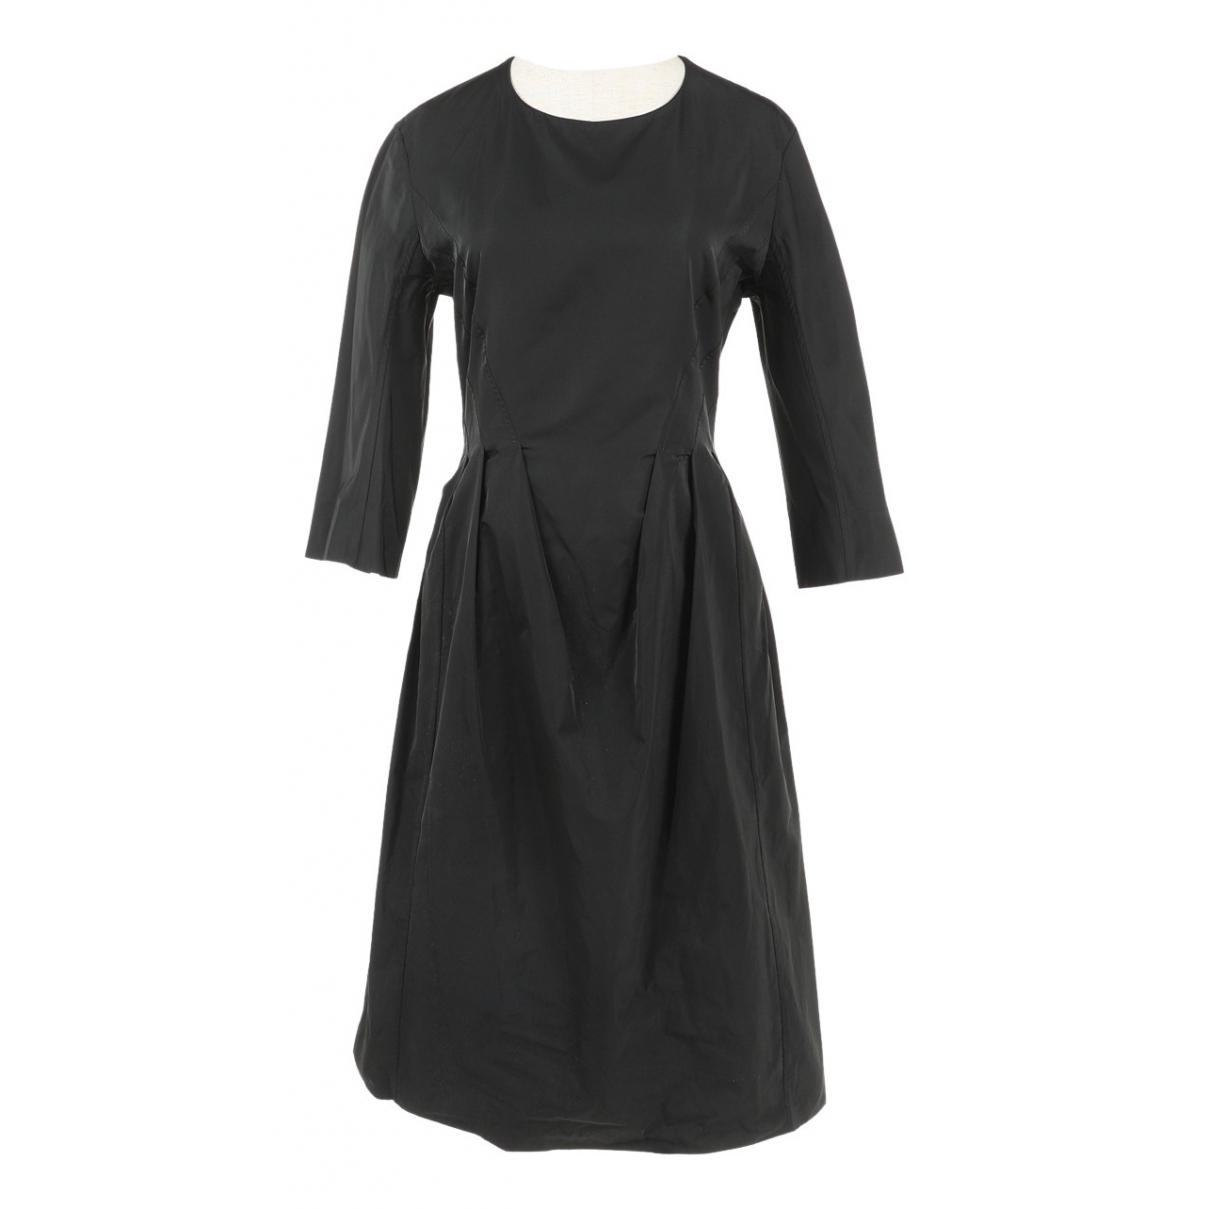 Jil Sander \N Kleid in  Schwarz Polyester